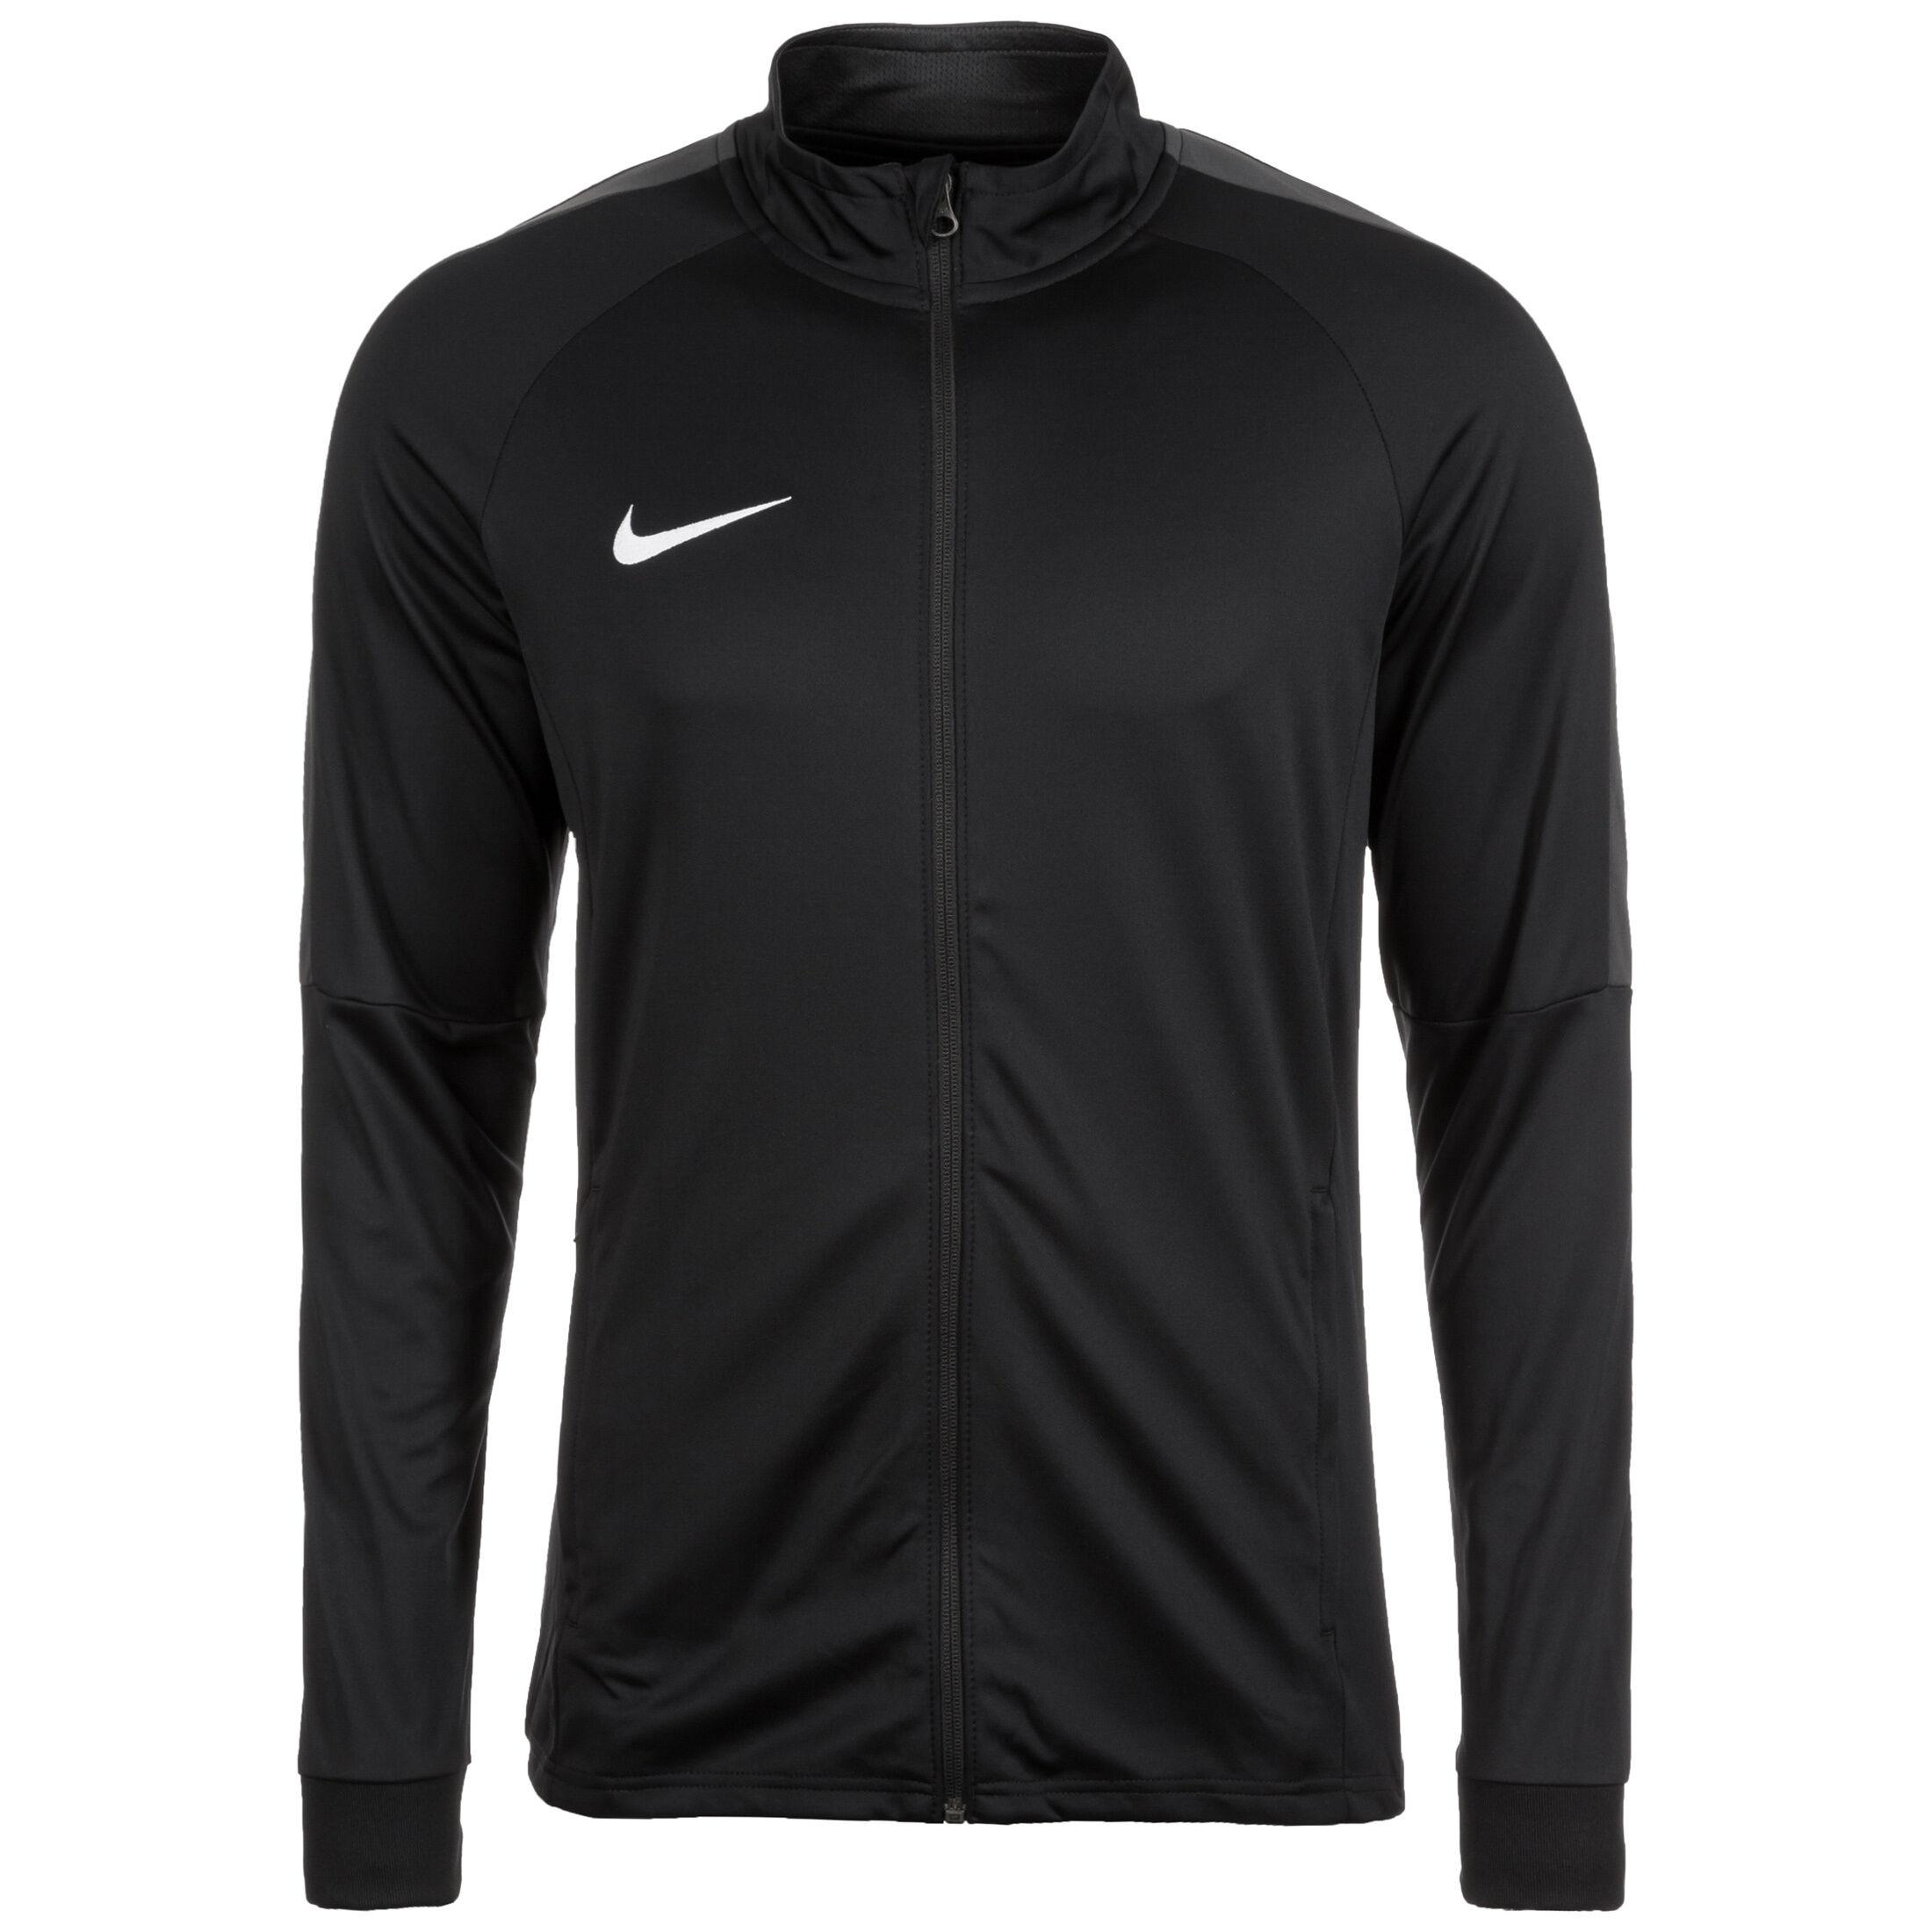 Nike Academy 18 Winterjacke schwarz weiß | Sportbedarf Shop